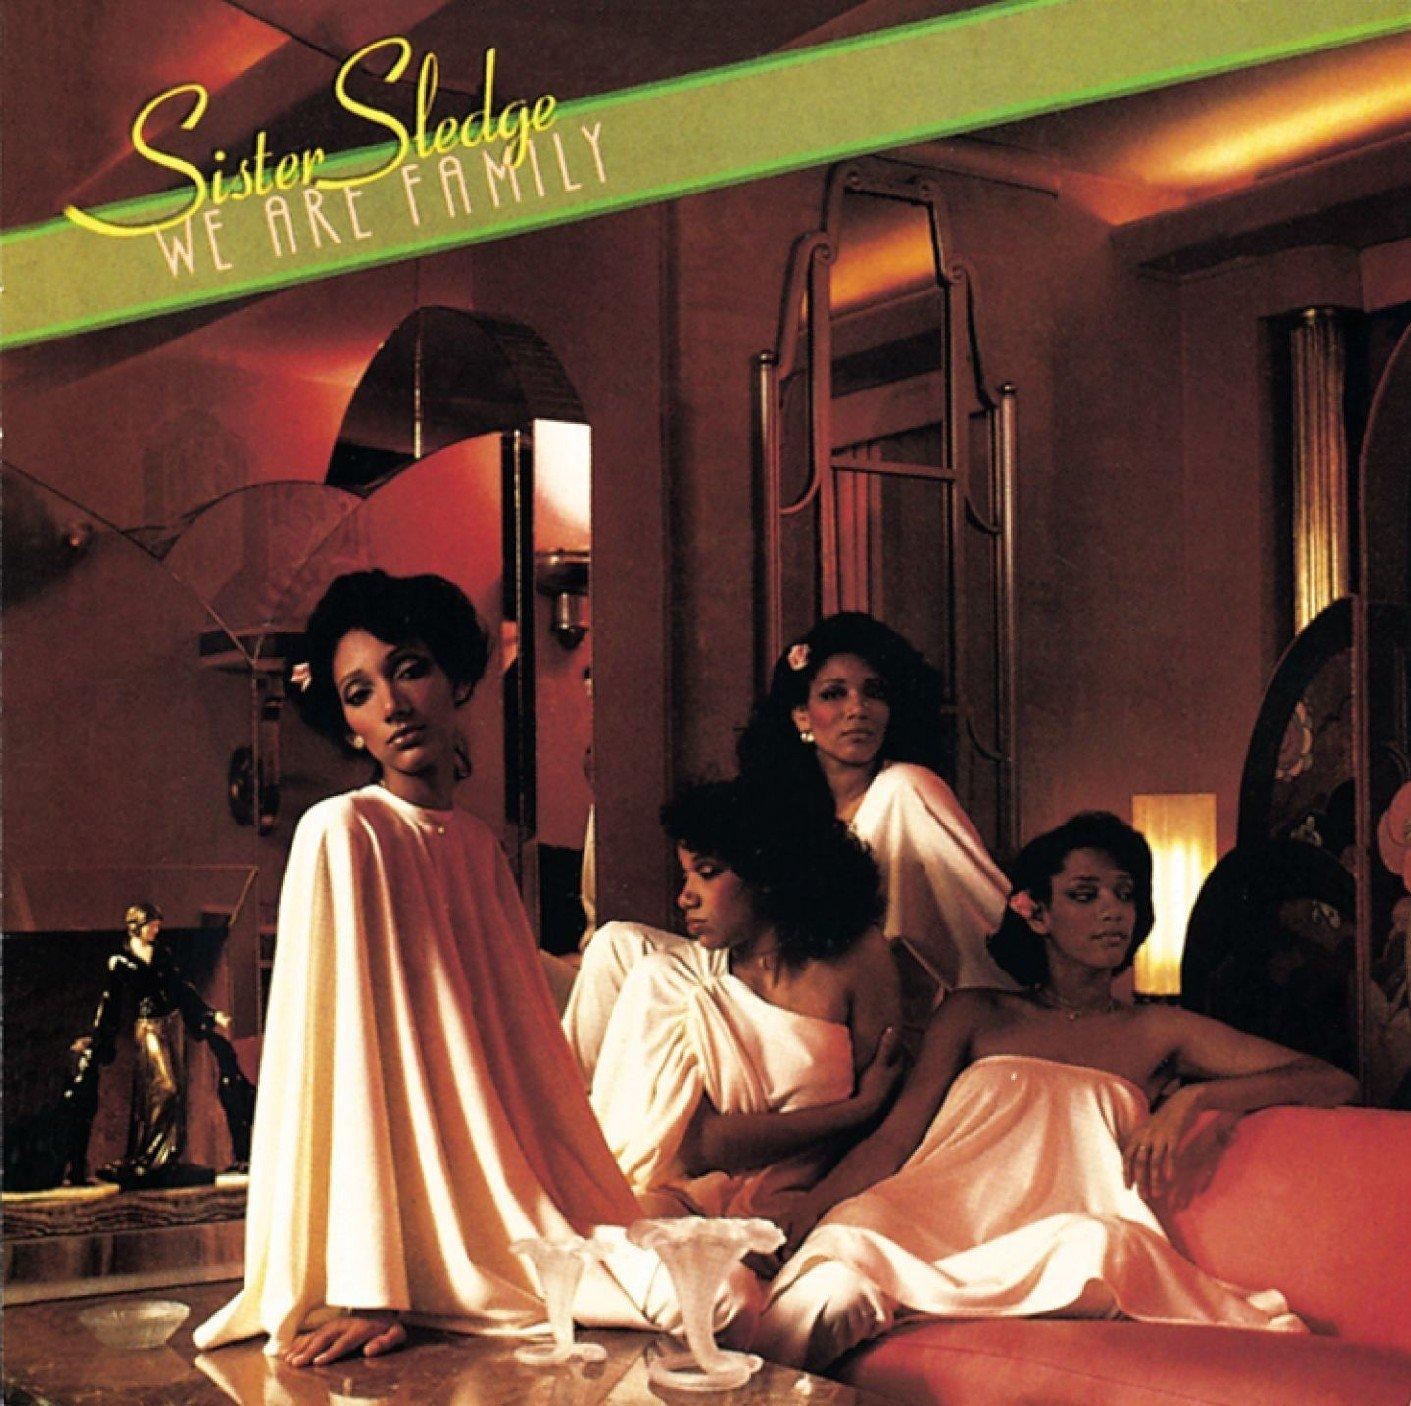 sledge sister 1979 radio